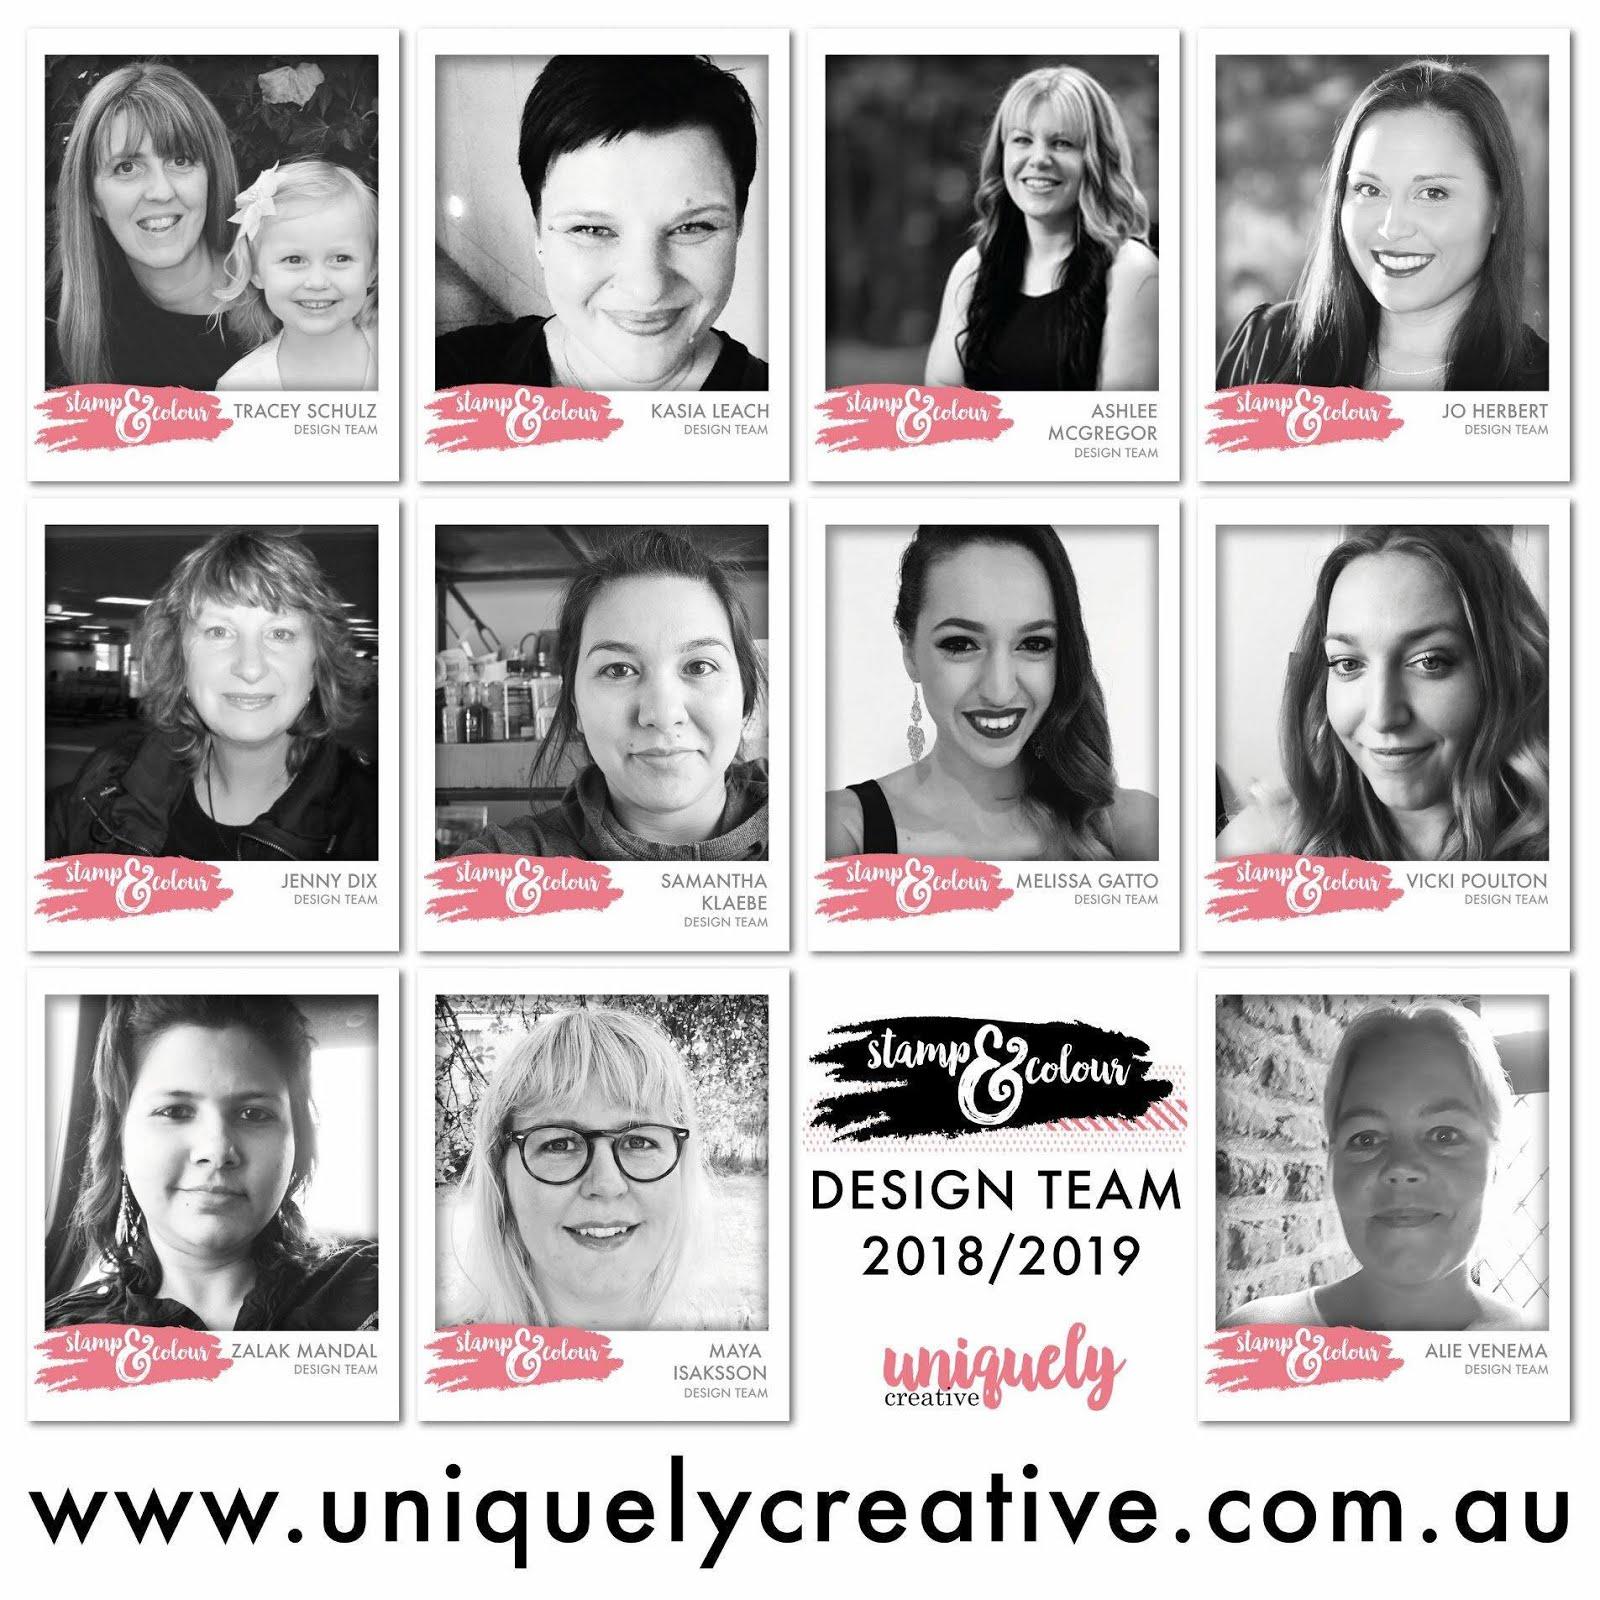 Uniquely Creative Stamp & Colour Design Team